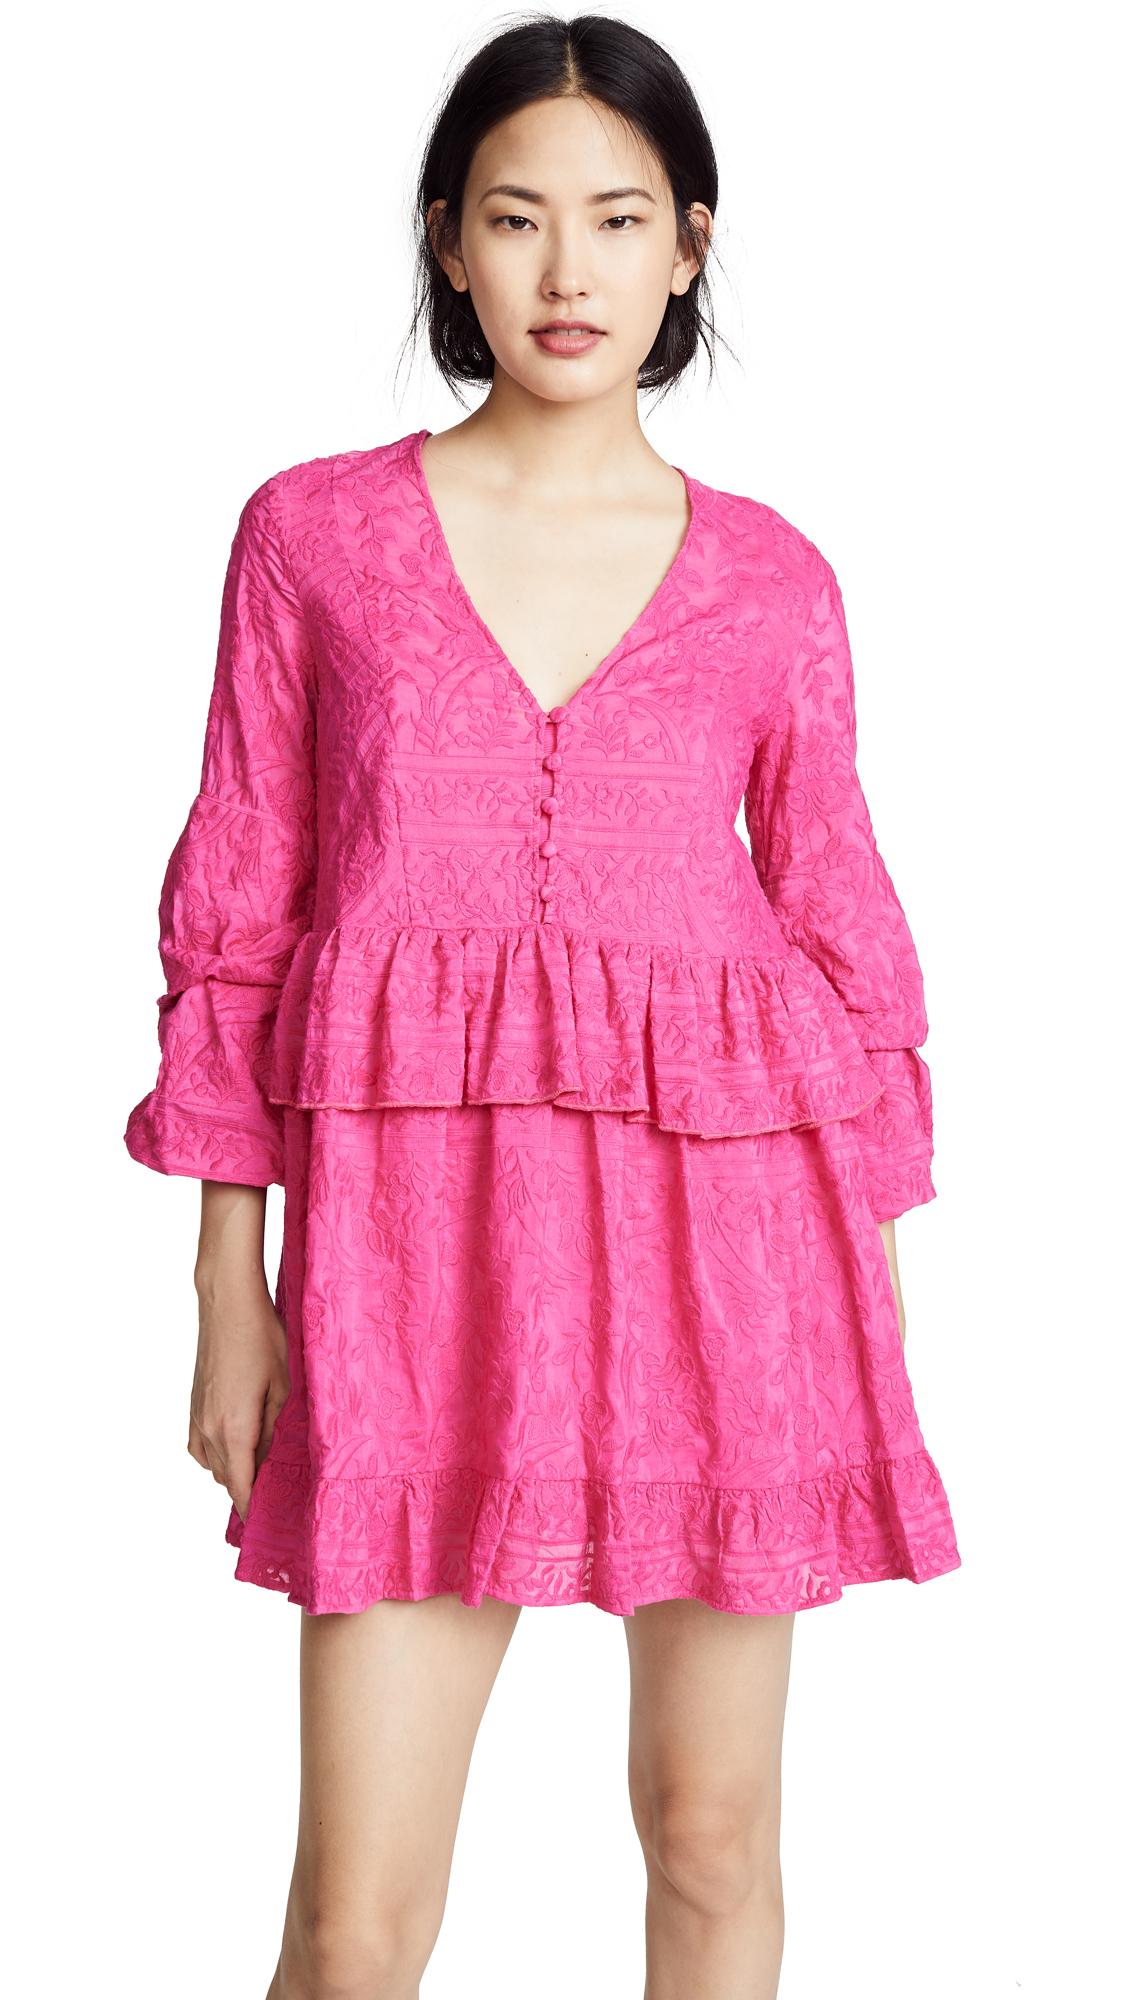 Nicholas N/Nicholas Ivy Embroidery Mini Dress